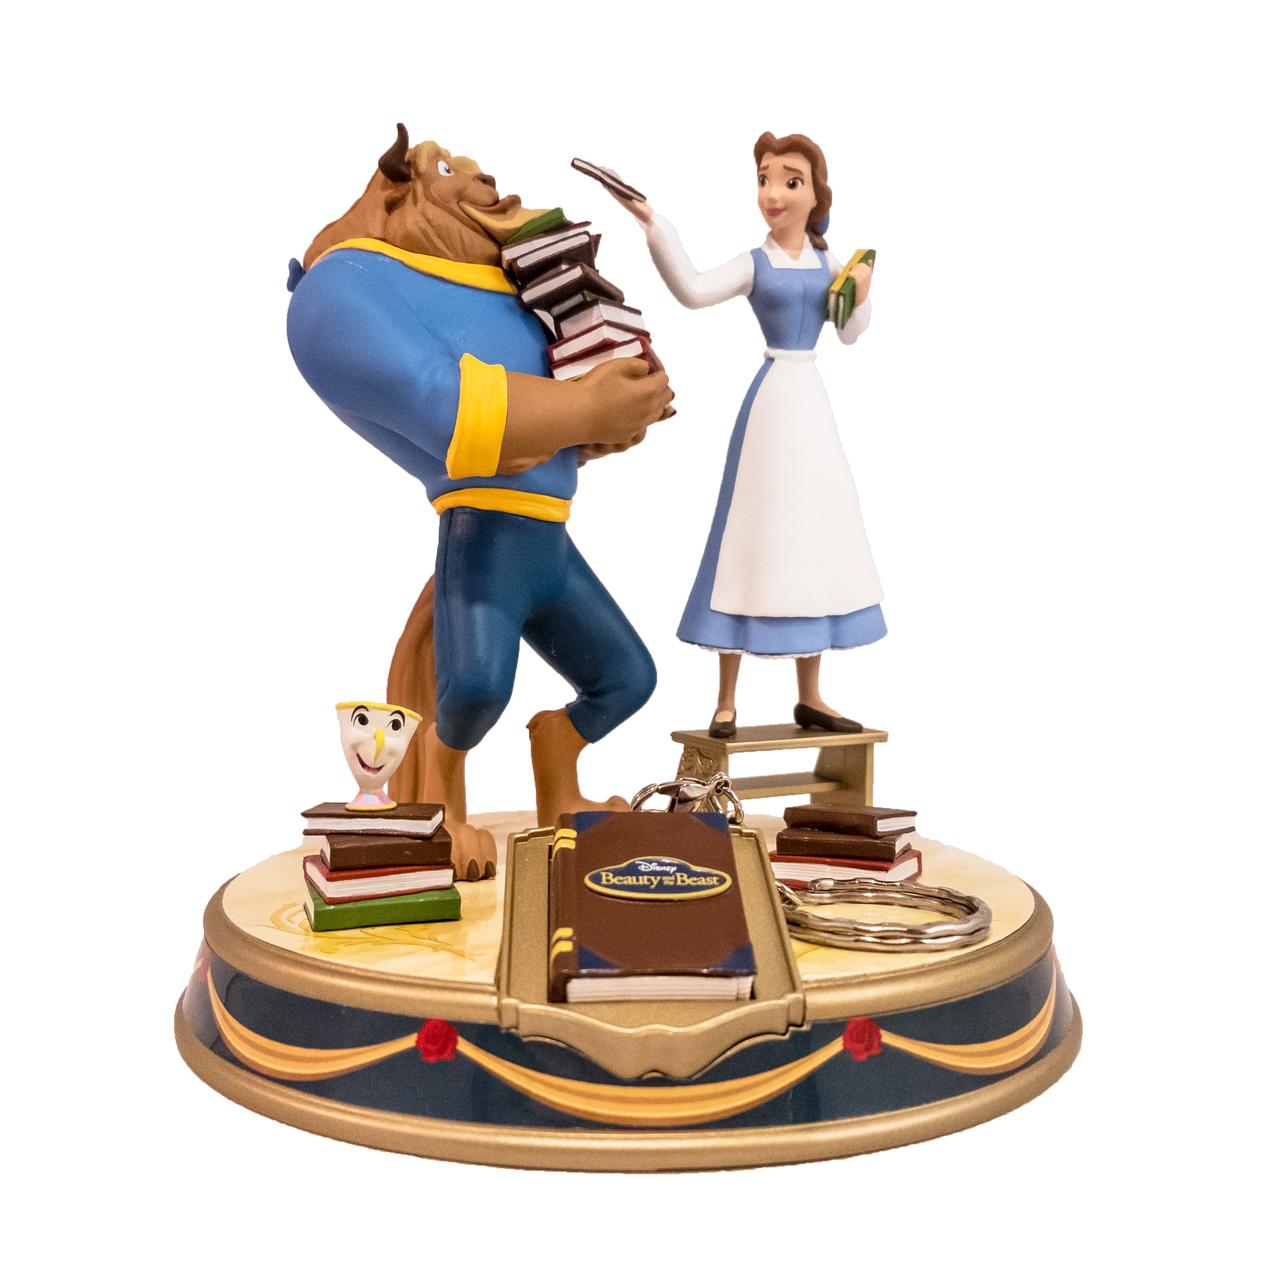 Disney: Belle & Beast - Finders Keypers Statue image